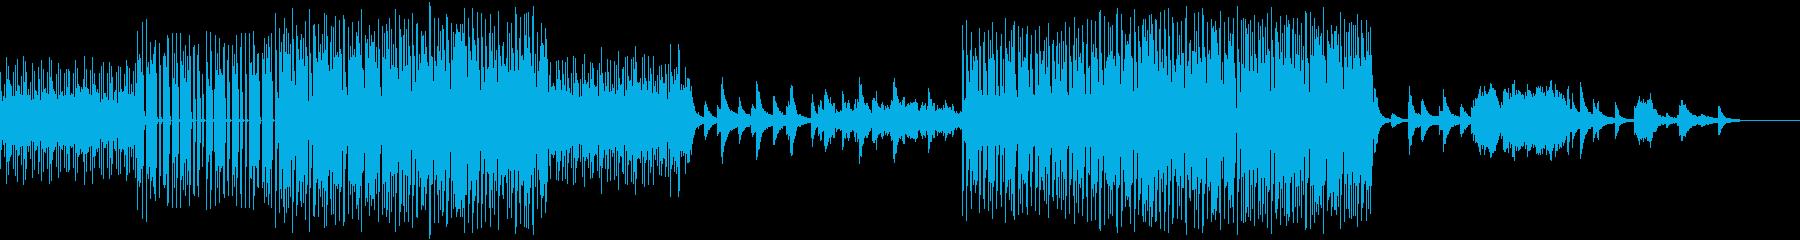 不思議な旋律のミステリアスなアンビエントの再生済みの波形